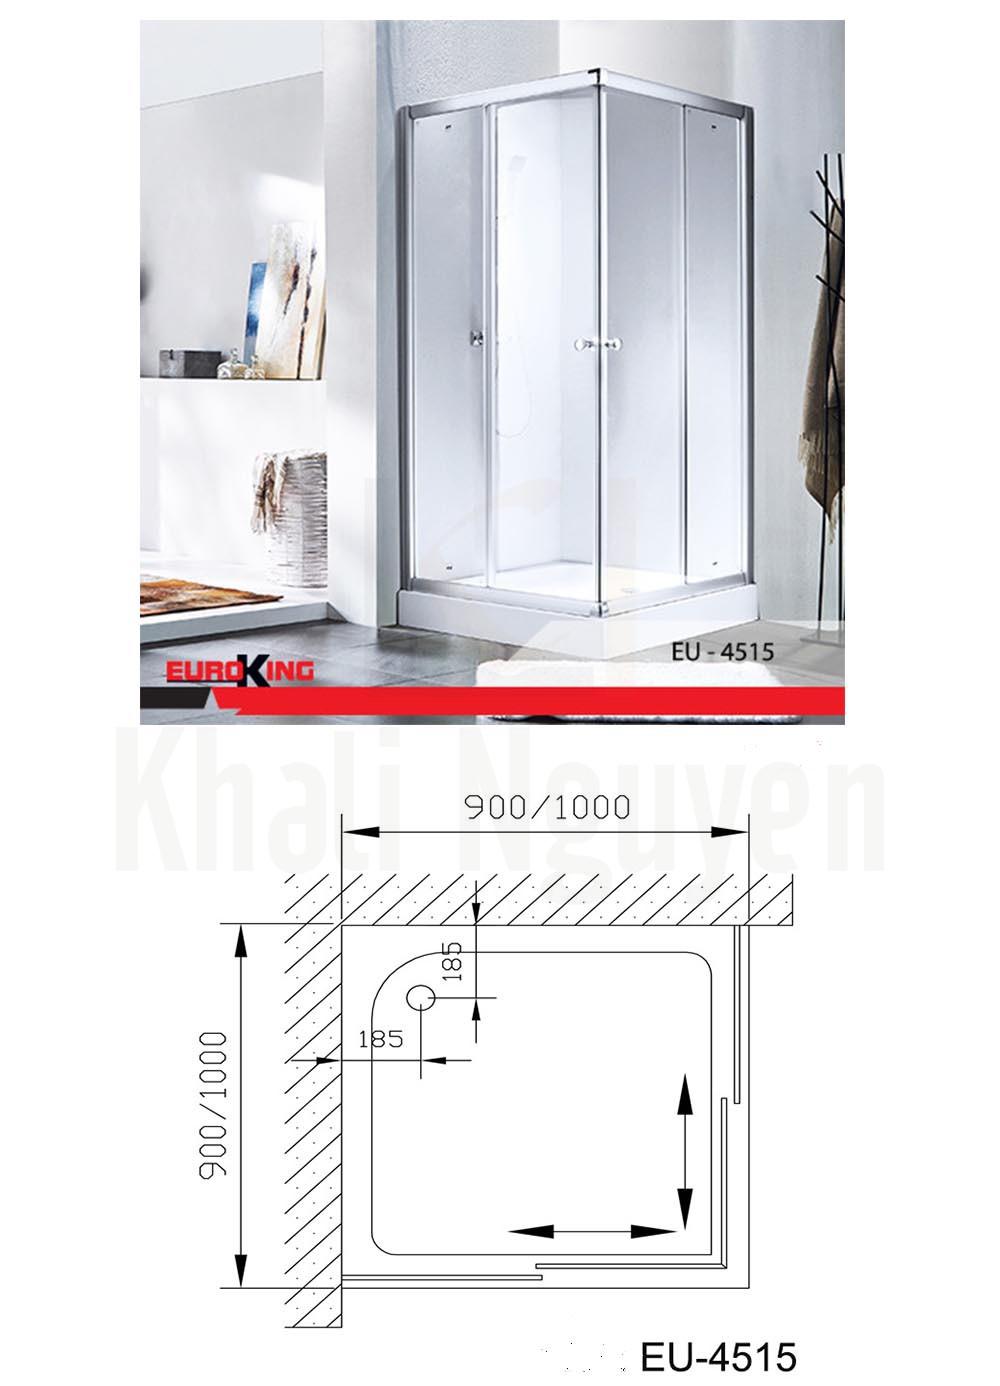 Bản vẽ Phòng tắm vách kính Euroking EU-4515